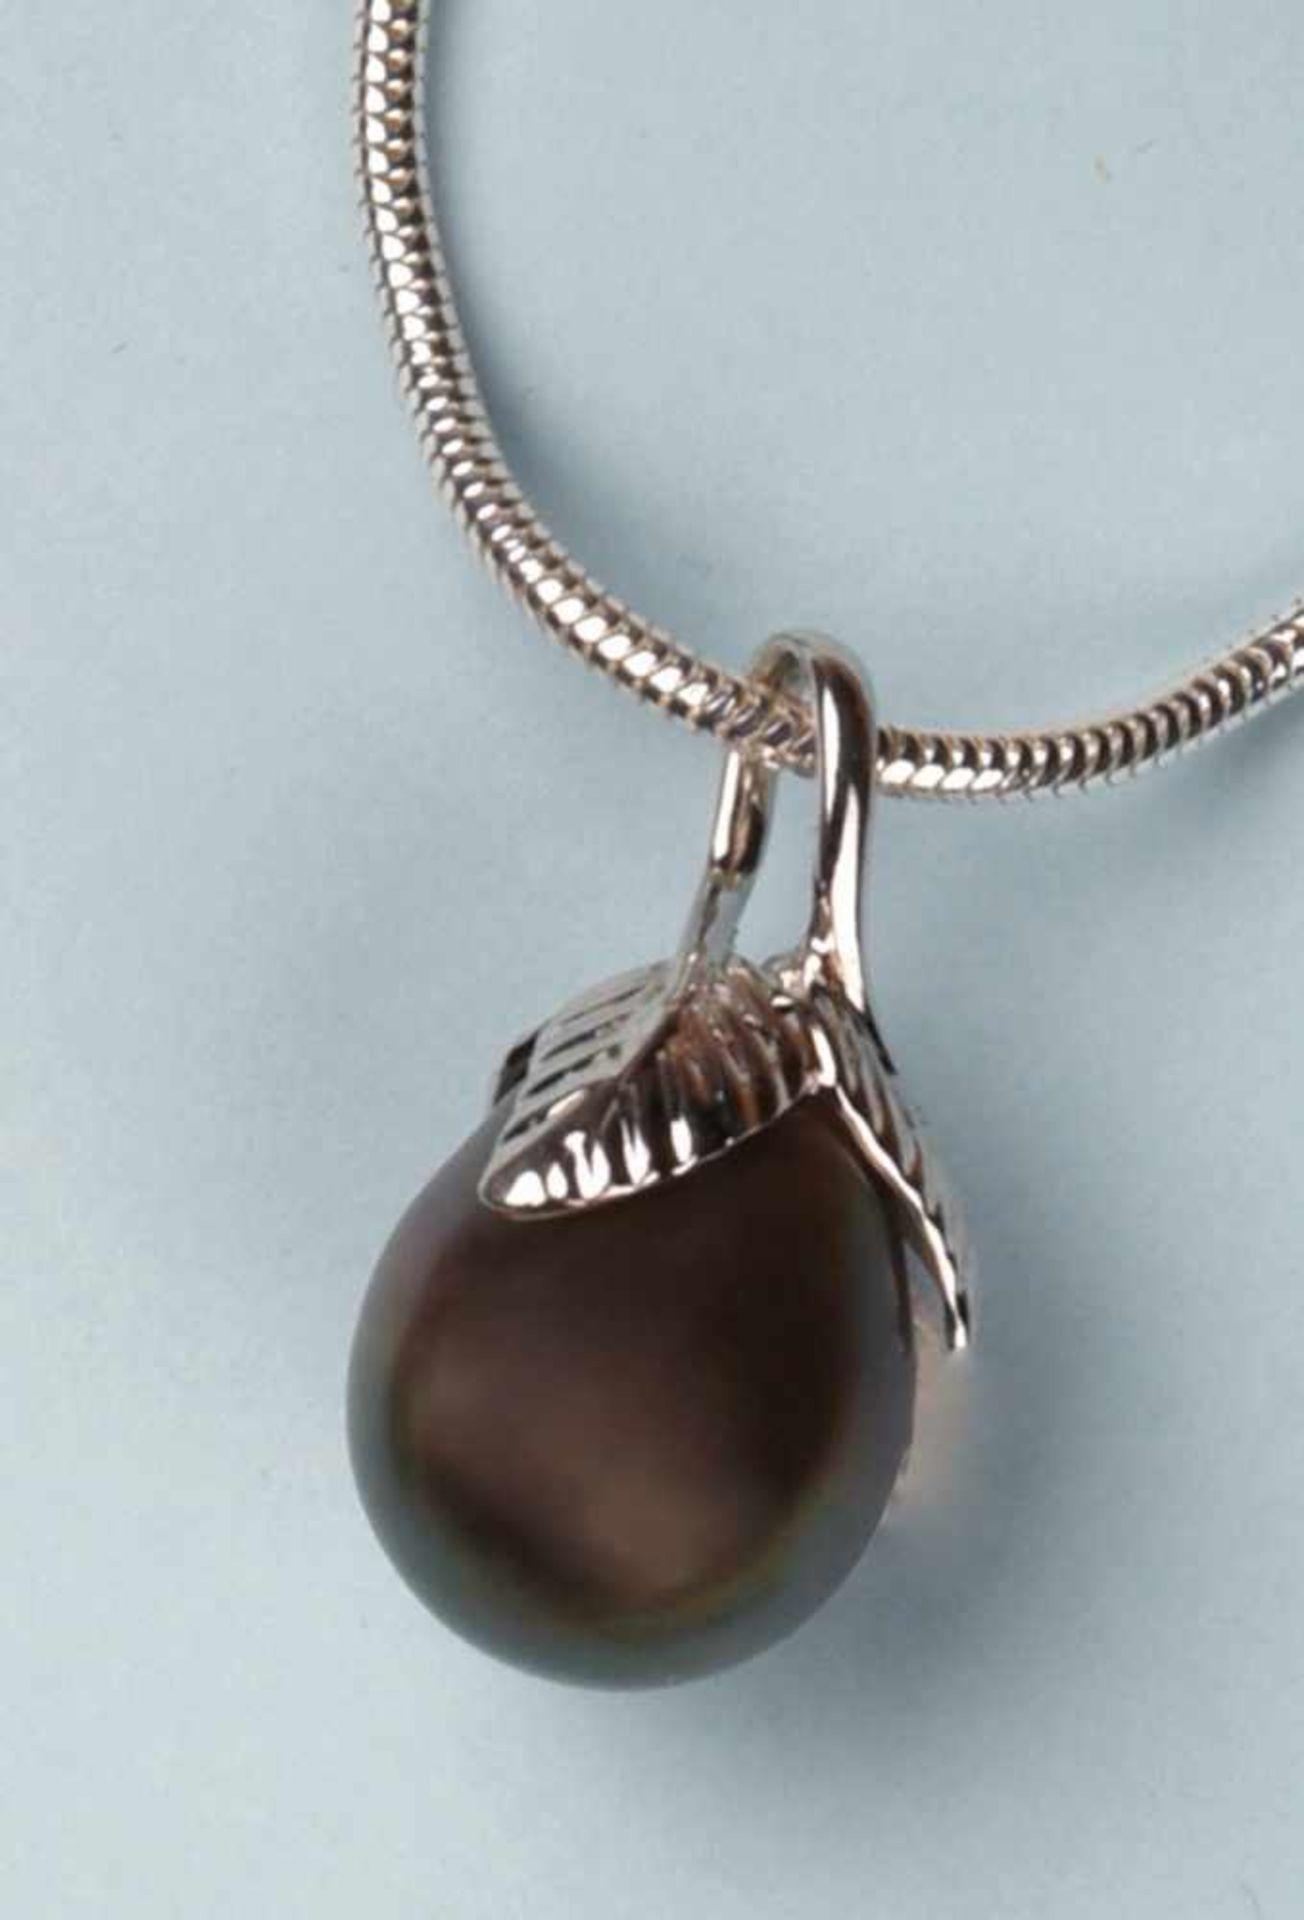 """Collier en argent 925, mailles """"serpent"""", avec pendentif perle de culture grise. Longueur: env. 41"""